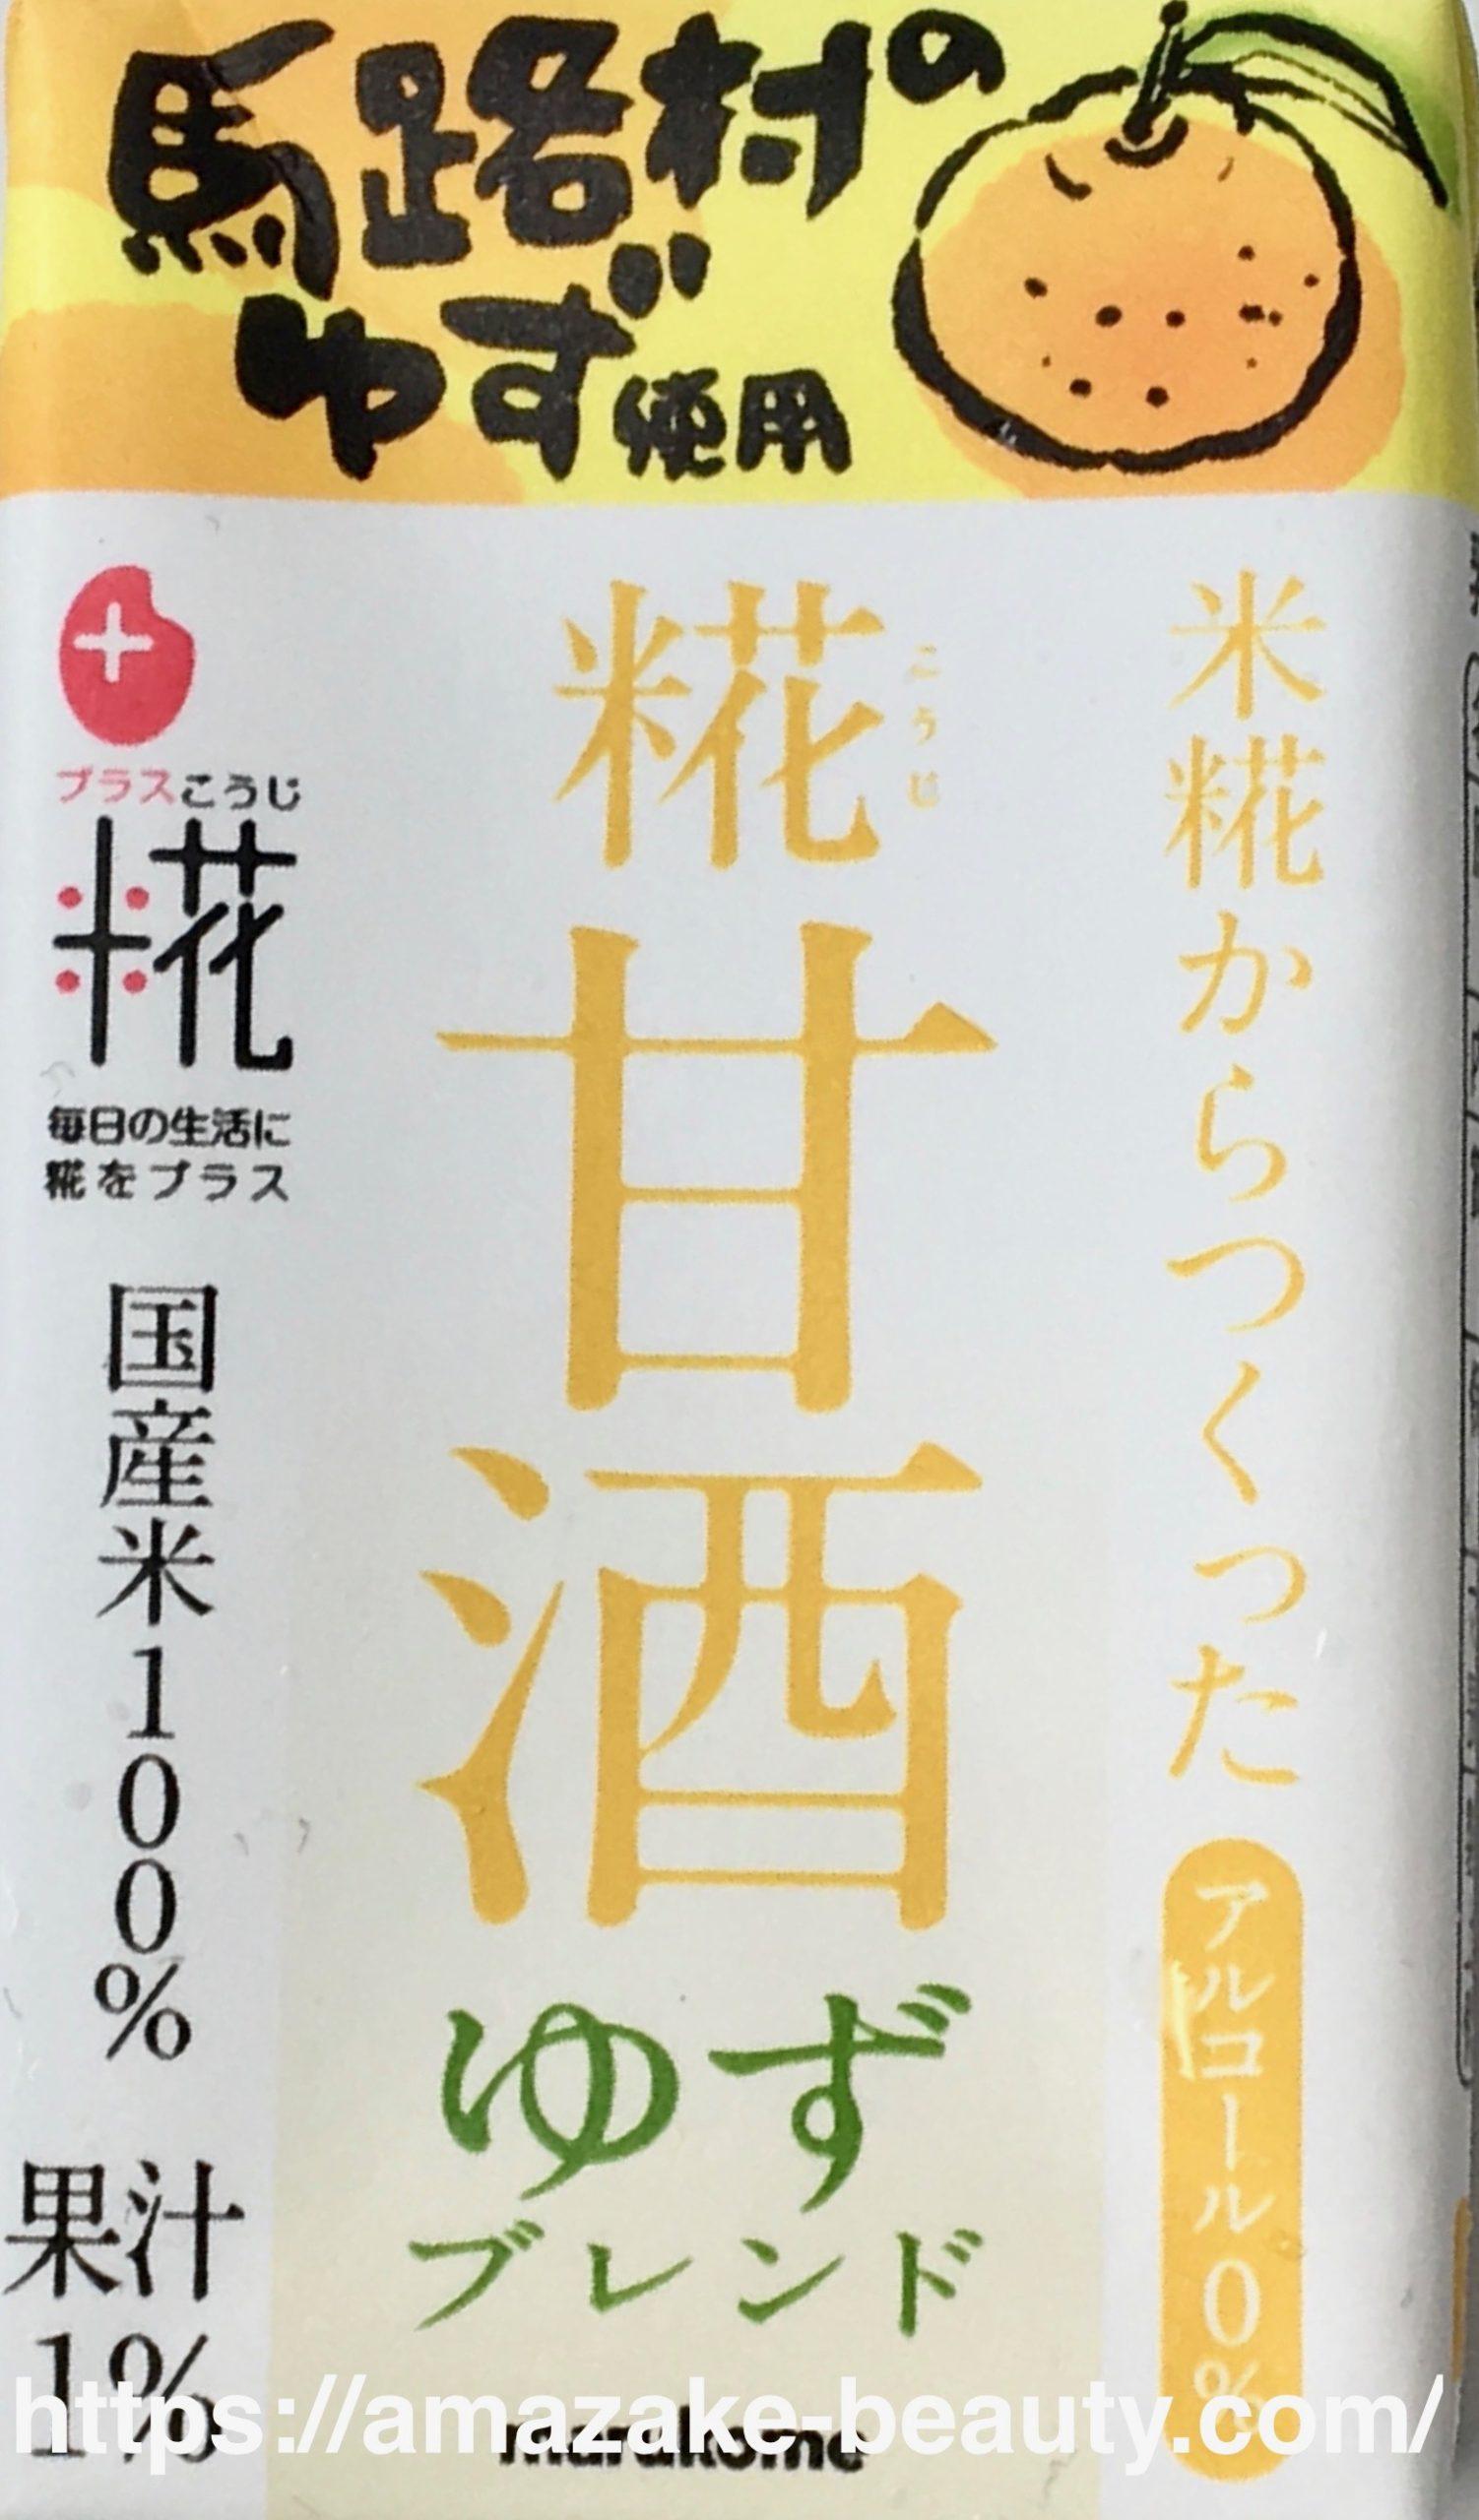 【甘酒】マルコメ『糀甘酒(ゆず)』(パッケージデザイン)